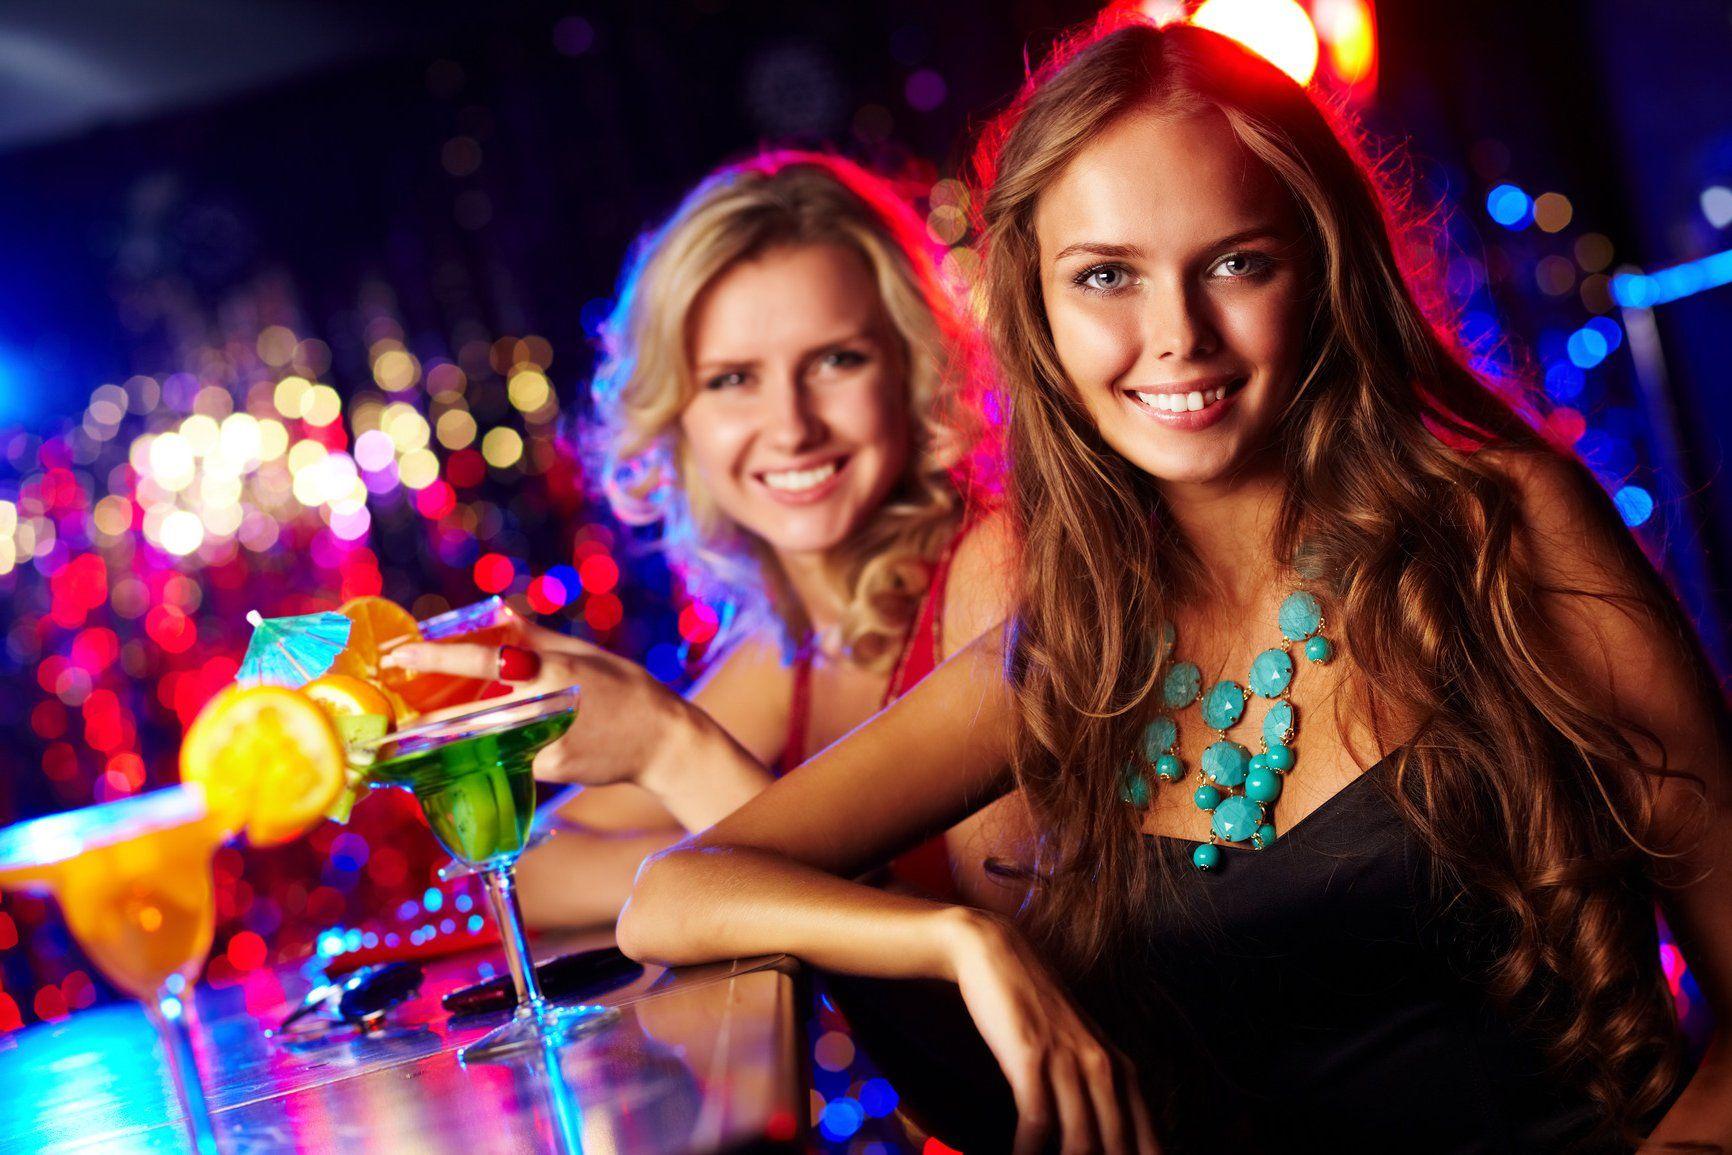 Стиптиз девушек вночных клубах ина пляже фото 511-542